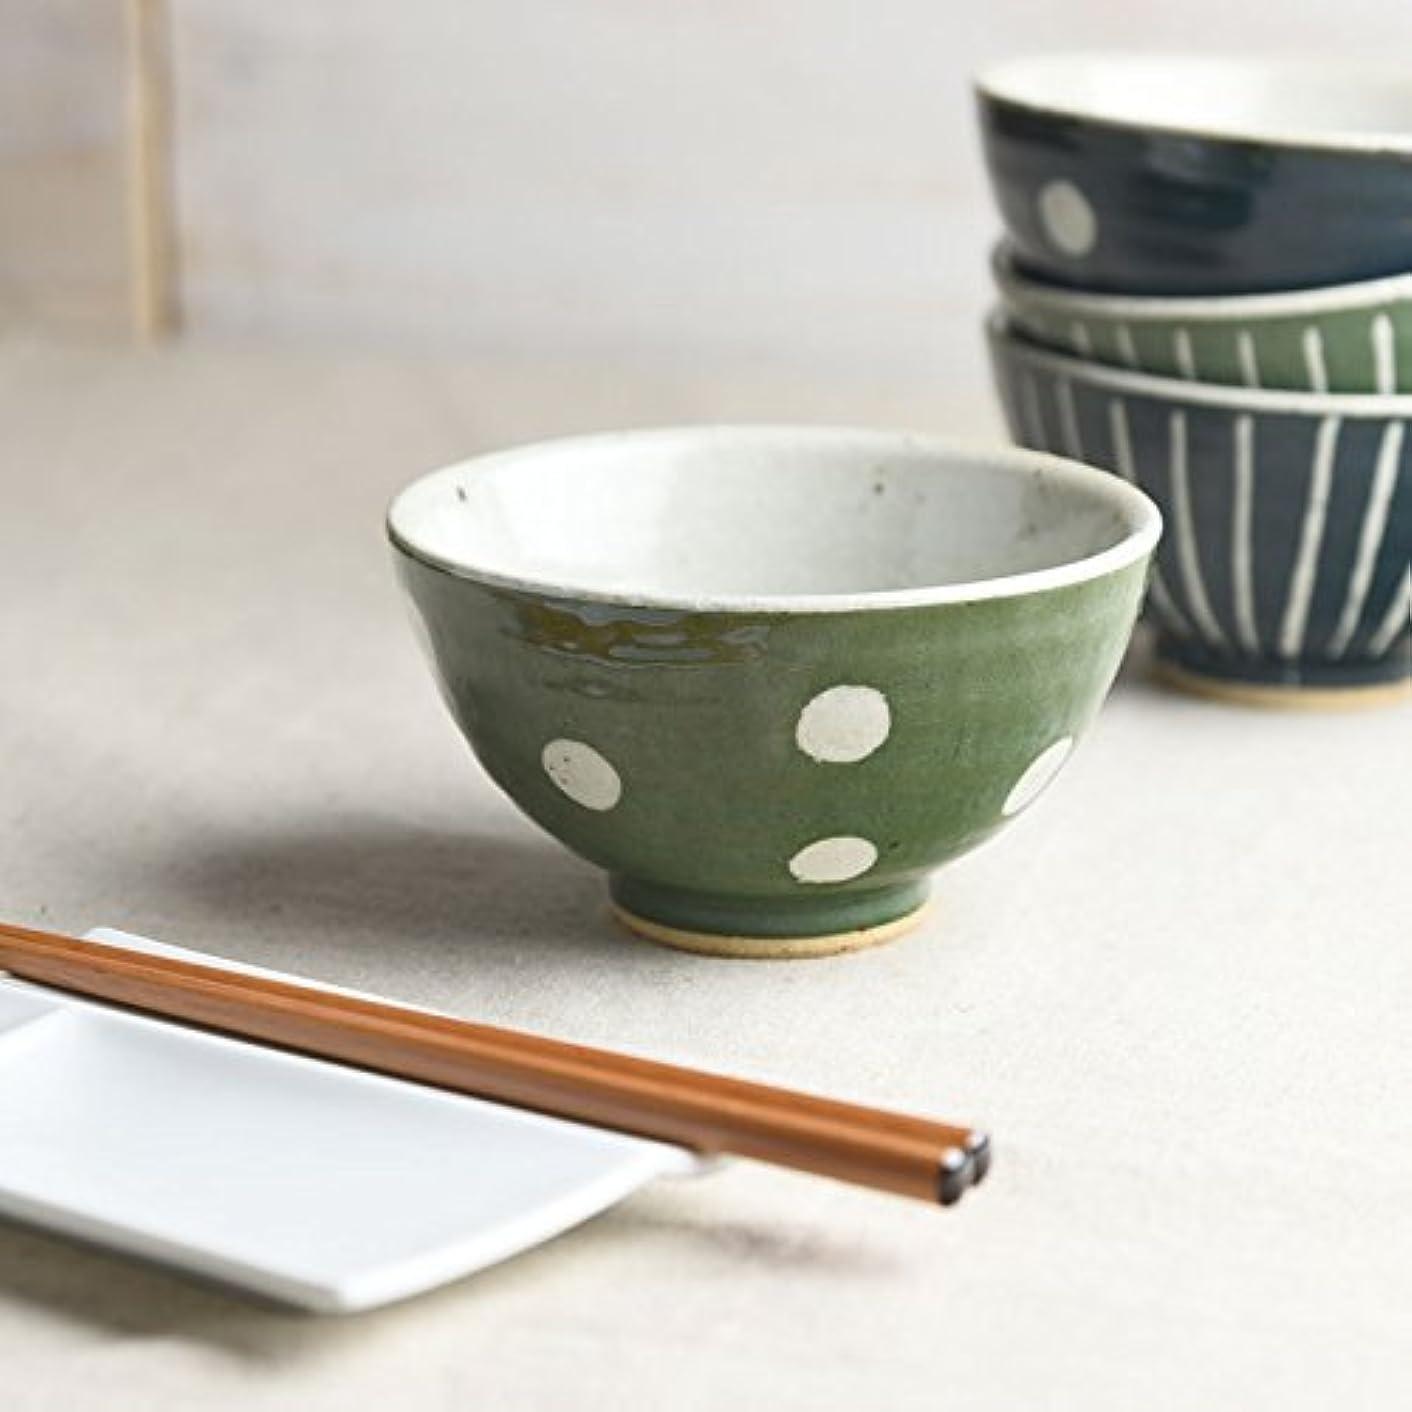 細菌役に立つ節約やまに 手しごと 丸ご飯茶わん みどり 水玉 3816011